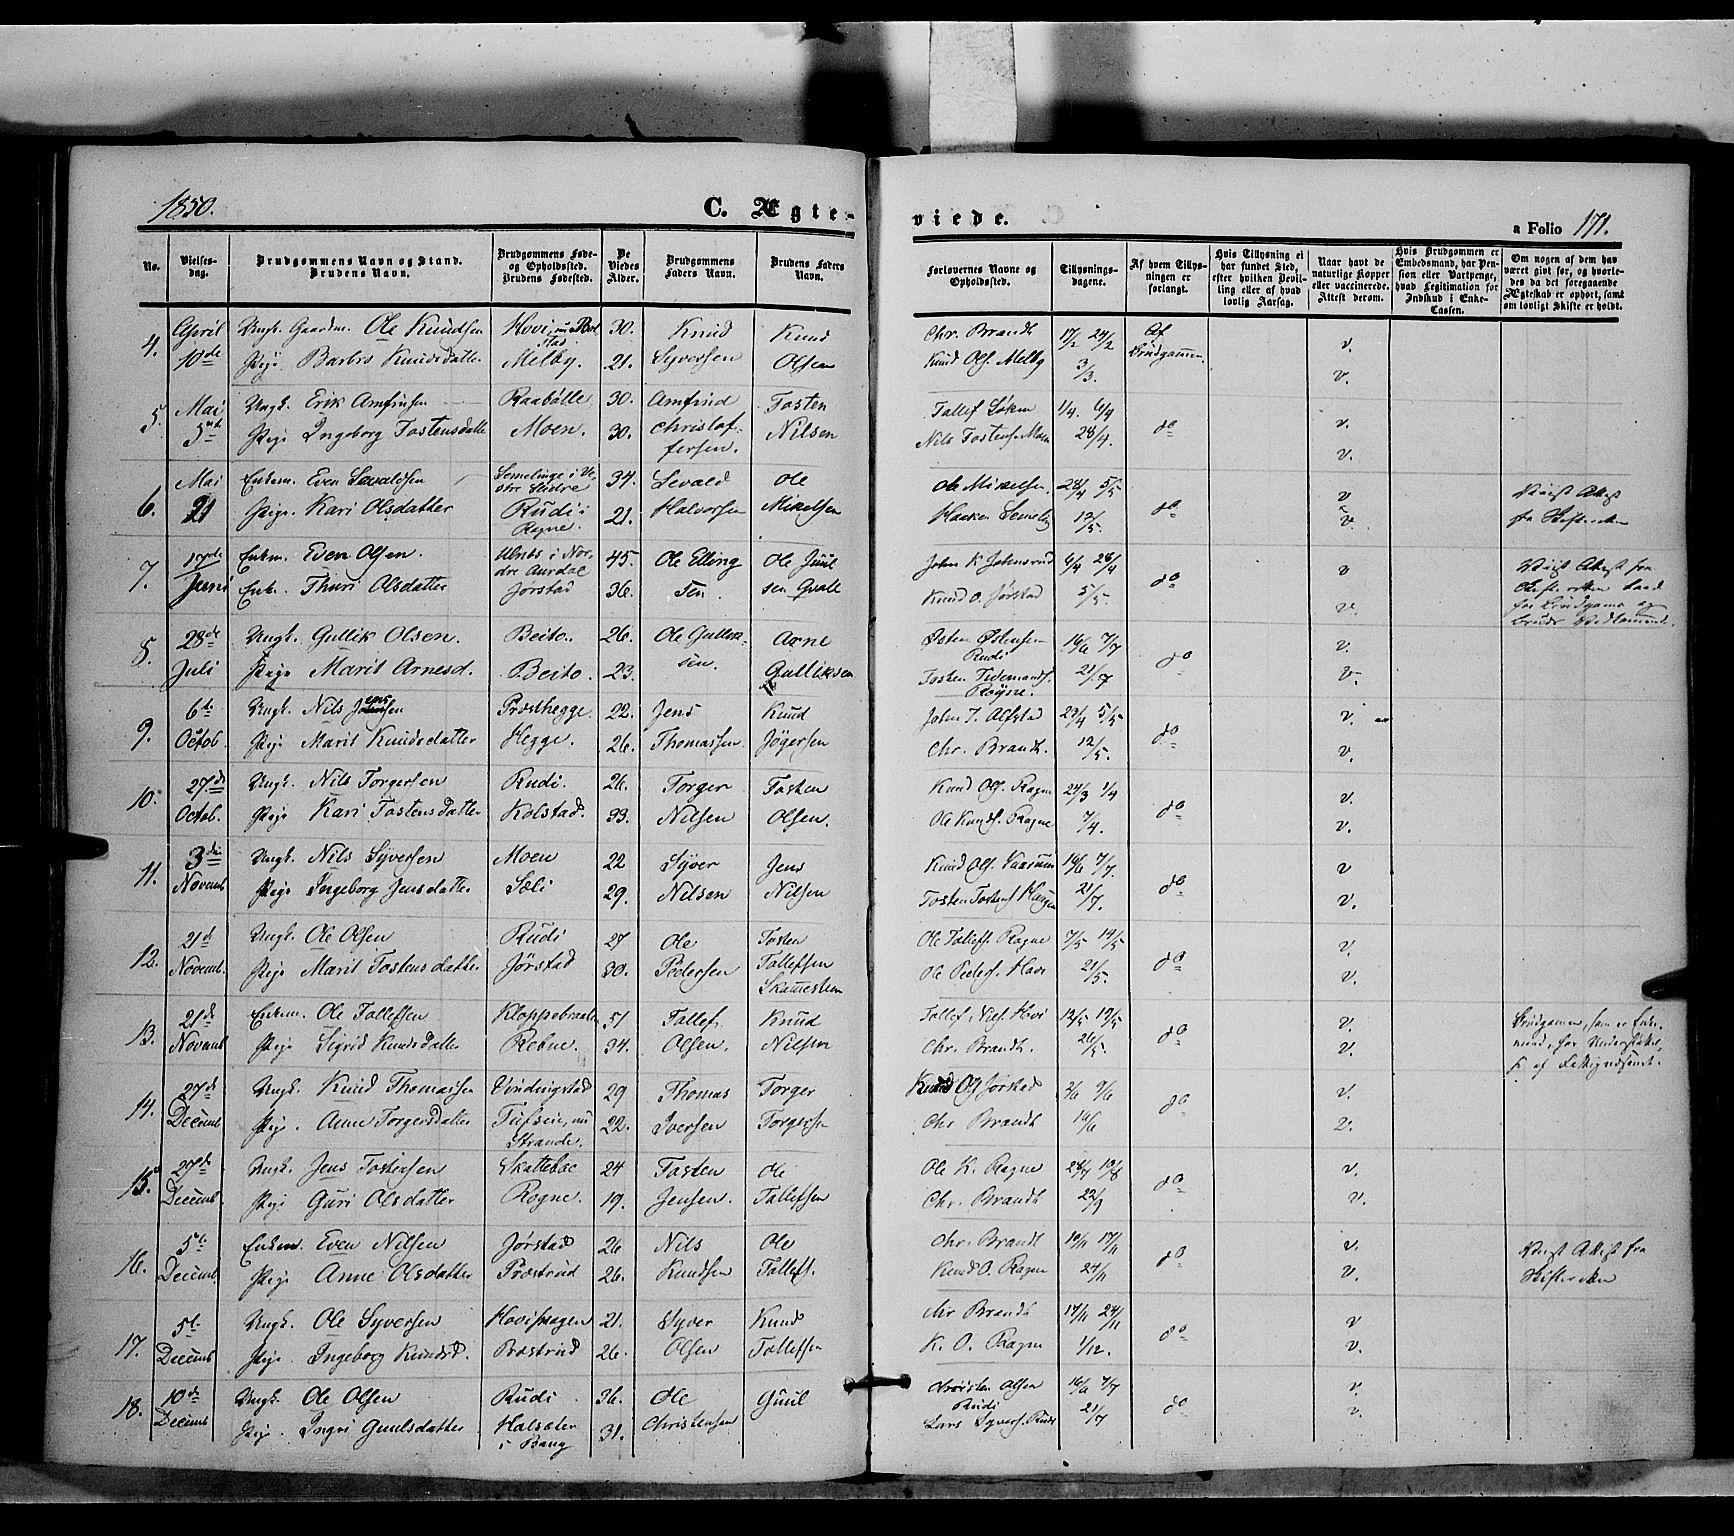 SAH, Øystre Slidre prestekontor, Ministerialbok nr. 1, 1849-1874, s. 171